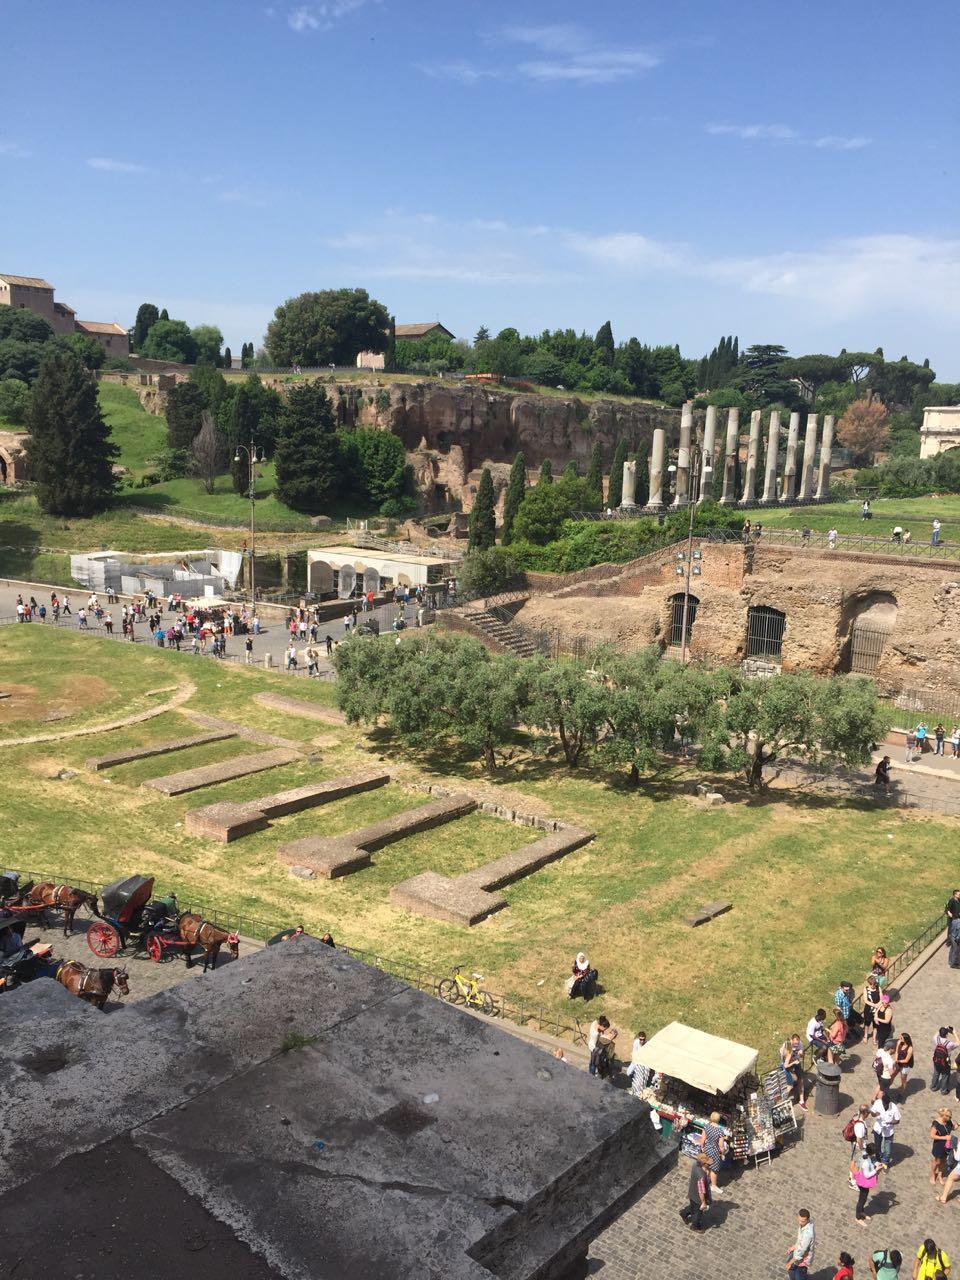 1FT Rome Italy - Campitelli - Lazio, May 20, 2015 - 5 of 75